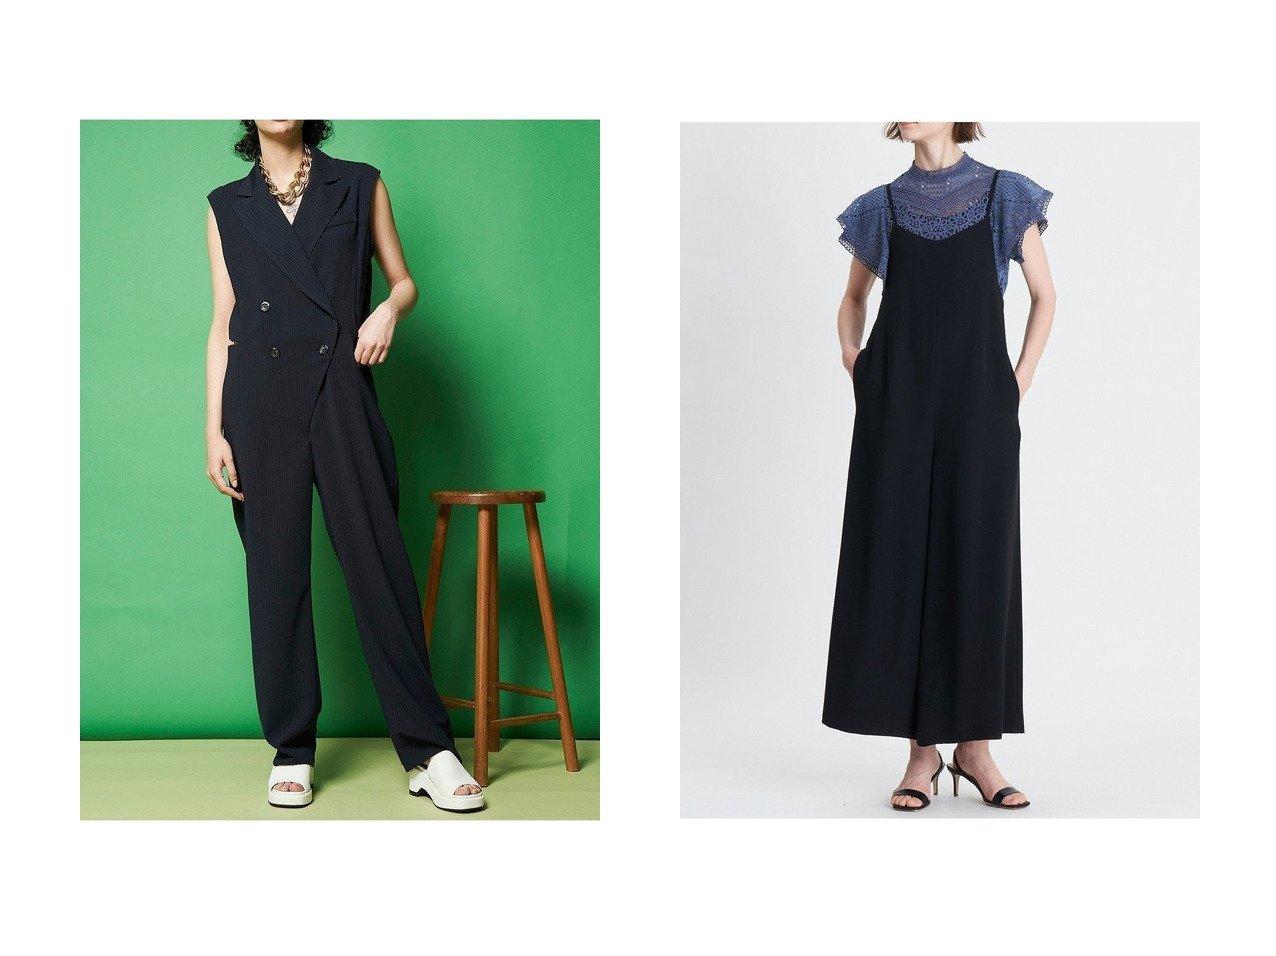 【MAISON SPECIAL/メゾンスペシャル】のテーラードオールインワン&【ANAYI/アナイ】のジョーゼットオールインワン 【ワンピース・ドレス】おすすめ!人気、トレンド・レディースファッションの通販  おすすめで人気の流行・トレンド、ファッションの通販商品 インテリア・家具・メンズファッション・キッズファッション・レディースファッション・服の通販 founy(ファニー) https://founy.com/ ファッション Fashion レディースファッション WOMEN パンツ Pants オケージョン キャミソール ジャケット ストレッチ スリット タンク インナー サロペット シンプル ジョーゼット ドレープ ラップ ワイド |ID:crp329100000049254